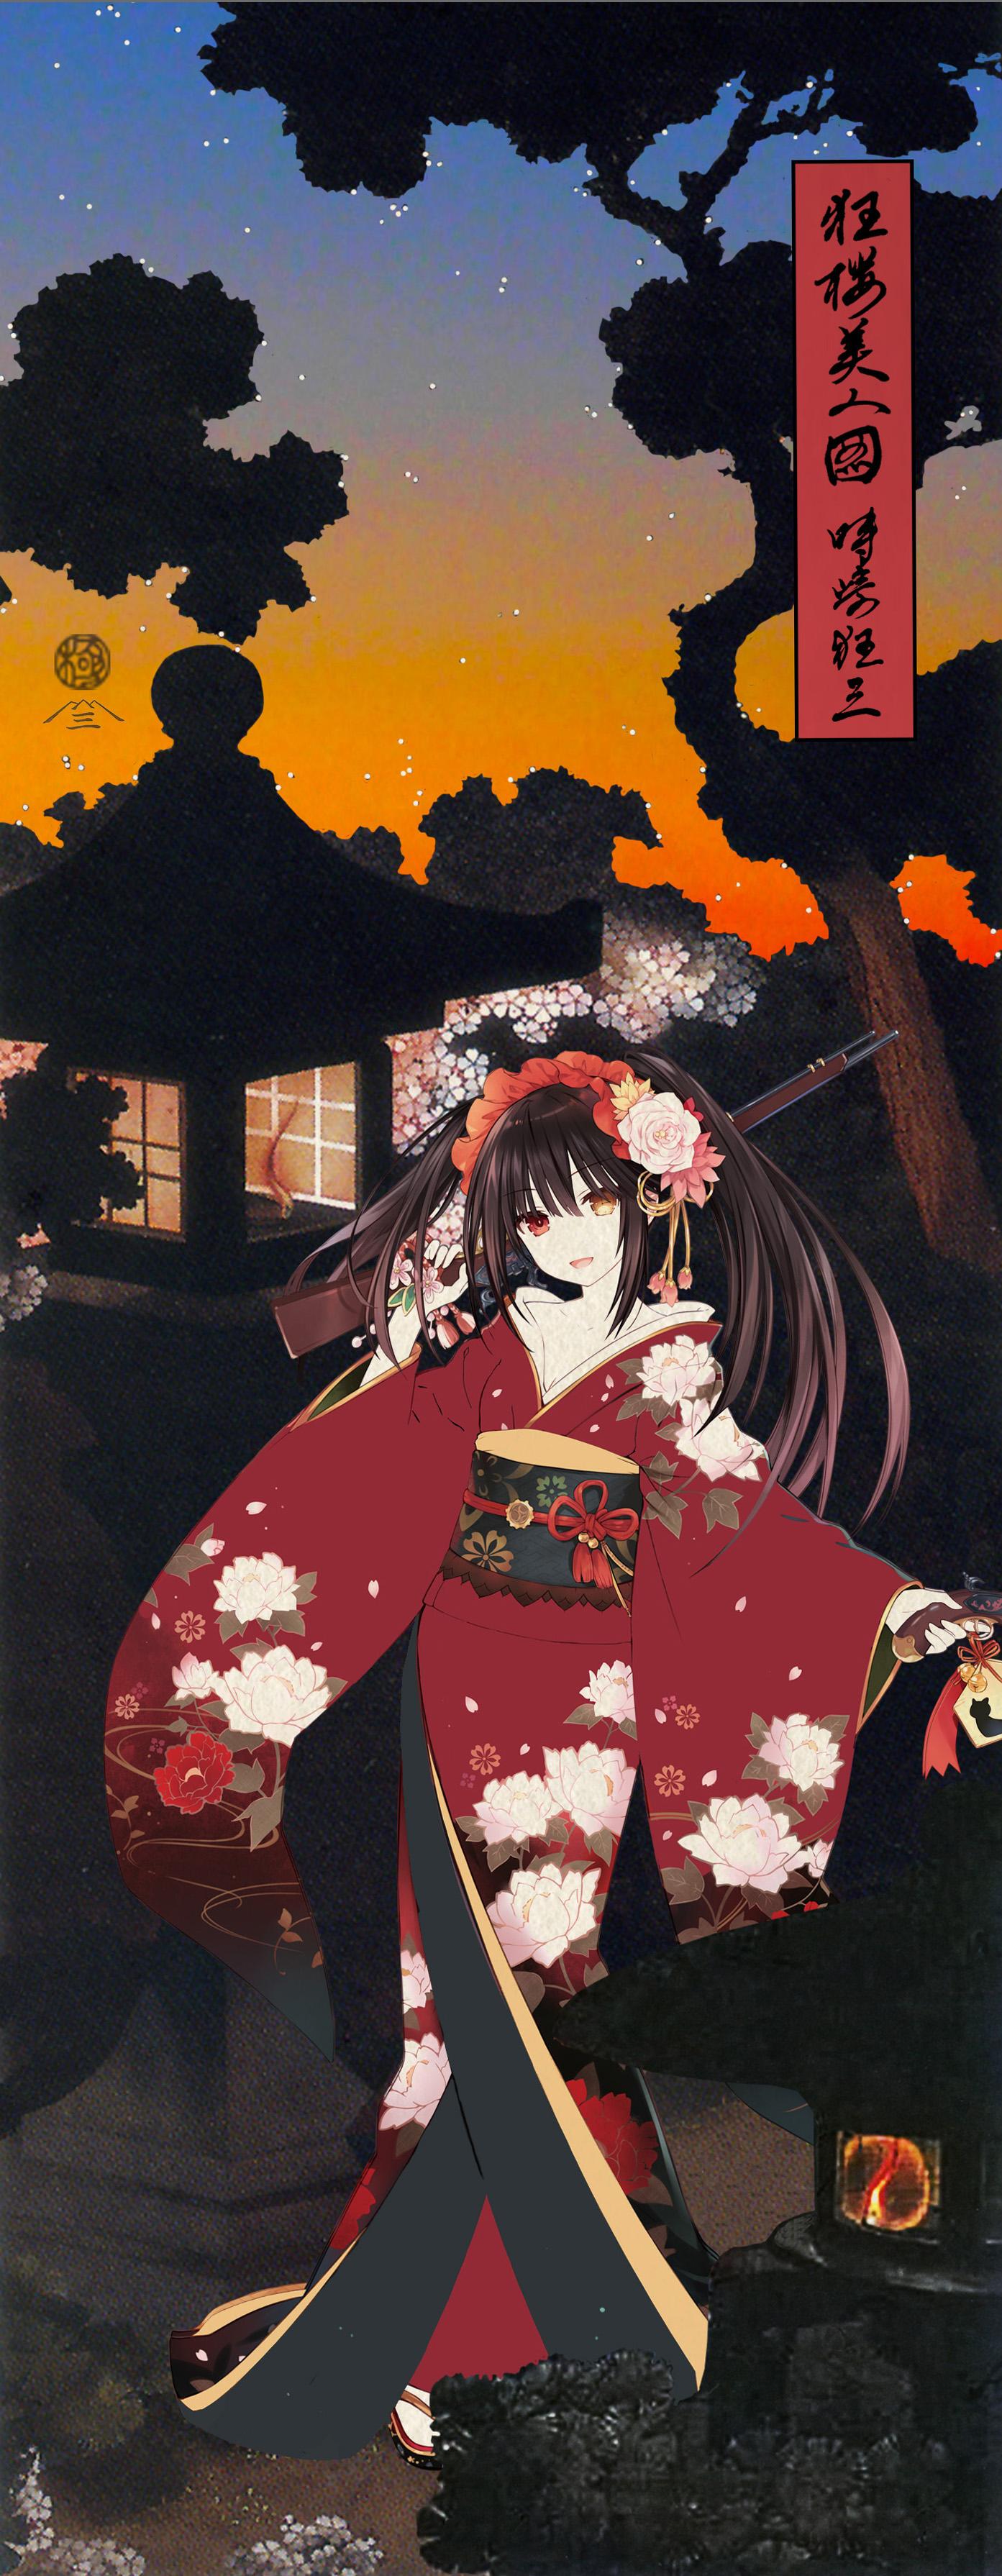 『デート・ア・ライブ』浮世絵木版画『狂桜美人図 時崎狂三』(二次受注分)